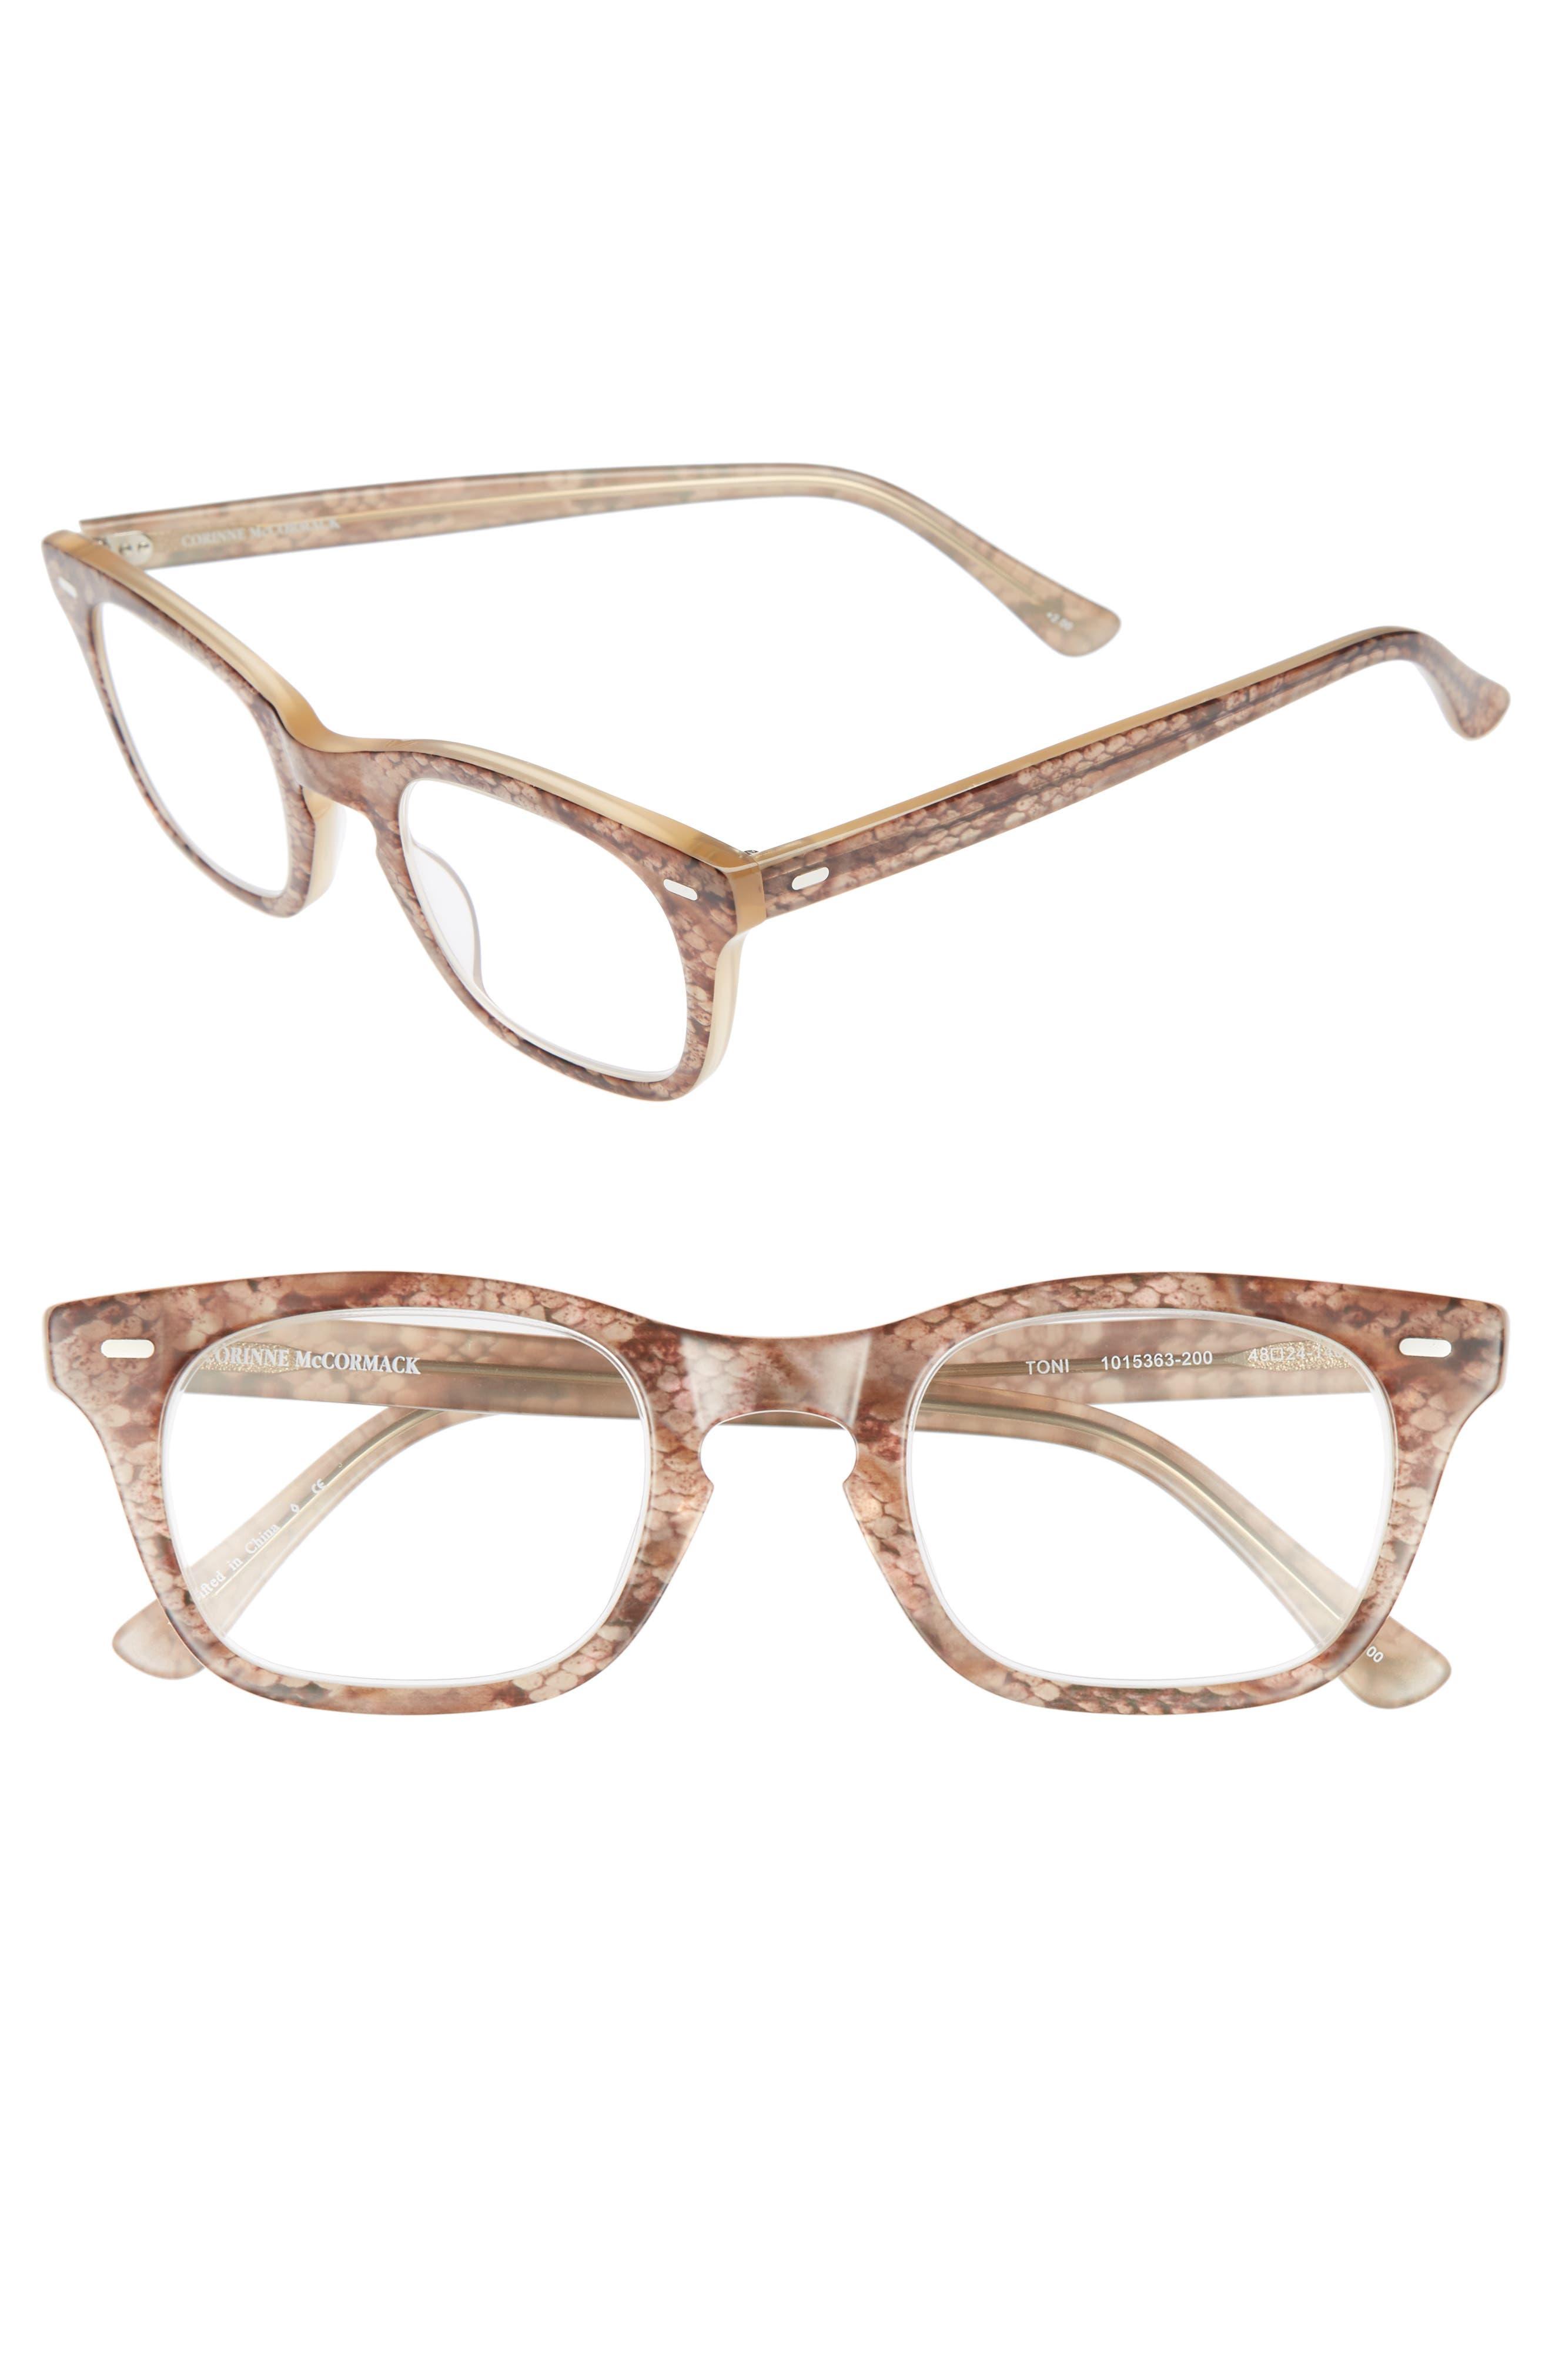 'Toni' 48mm Reading Glasses,                             Main thumbnail 1, color,                             BROWN SNAKE